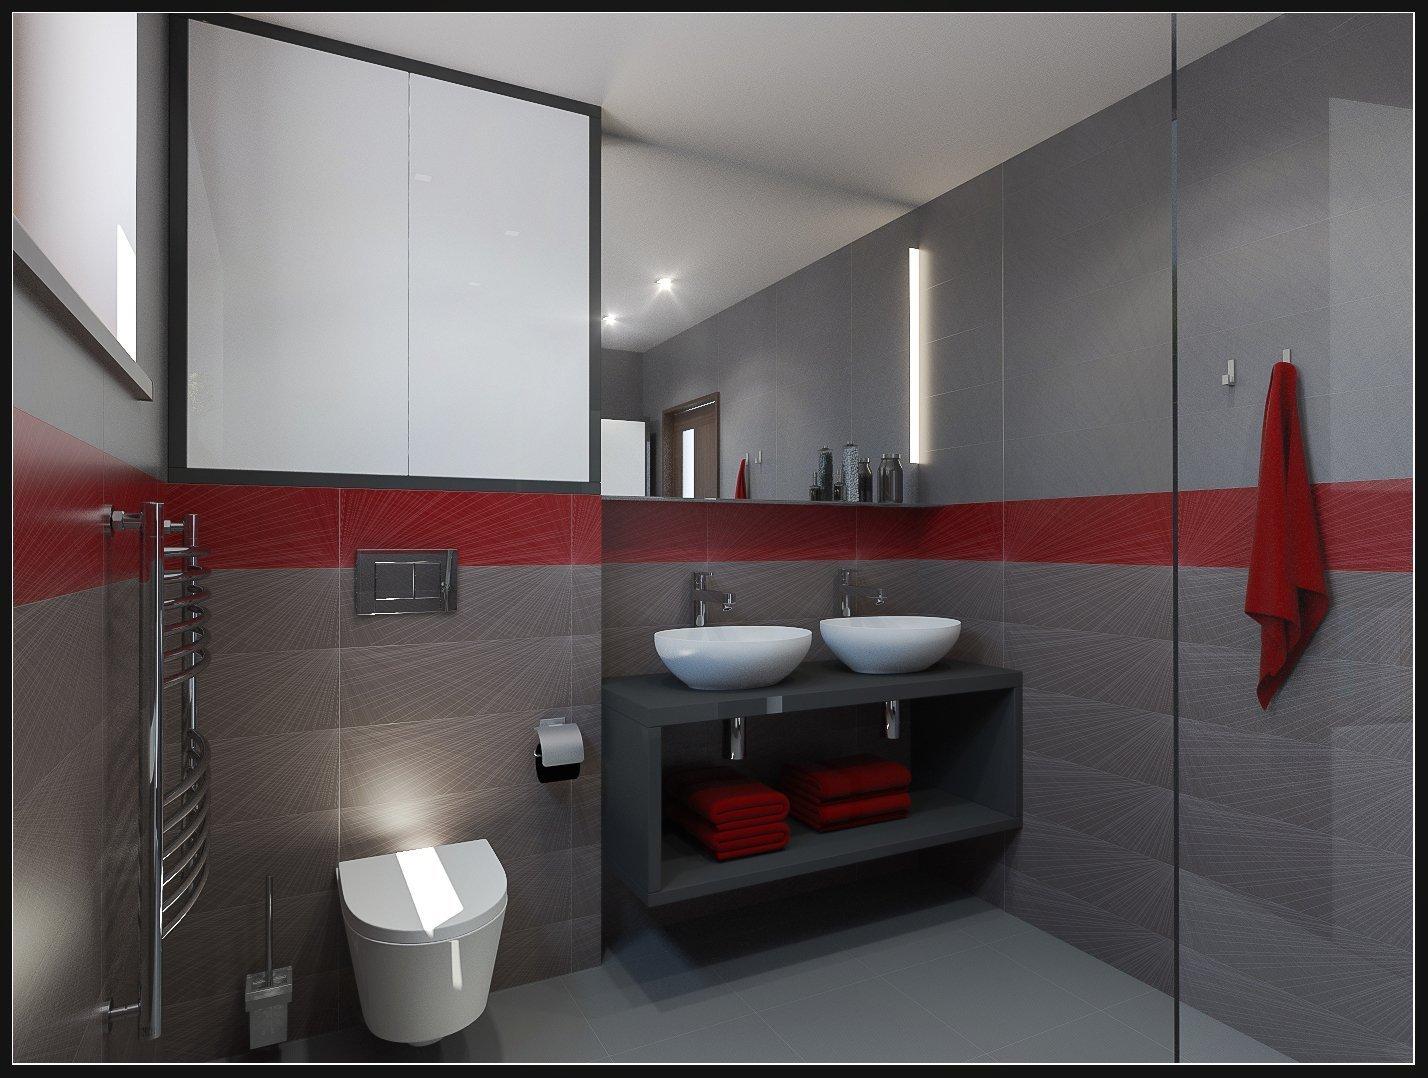 Velká zrcadlová stěna nad umyvadlem a praktické skříňky z materiálu lamino (LTD) v dekoru dřeva tmavý dub a bílá lesklá. Koupelnový nábytek je odolný, vysoce funkční a dokonale sladěný. Prostorná skříňka pod umyvadlem snadno ukryje všechny potřebné drobnosti.